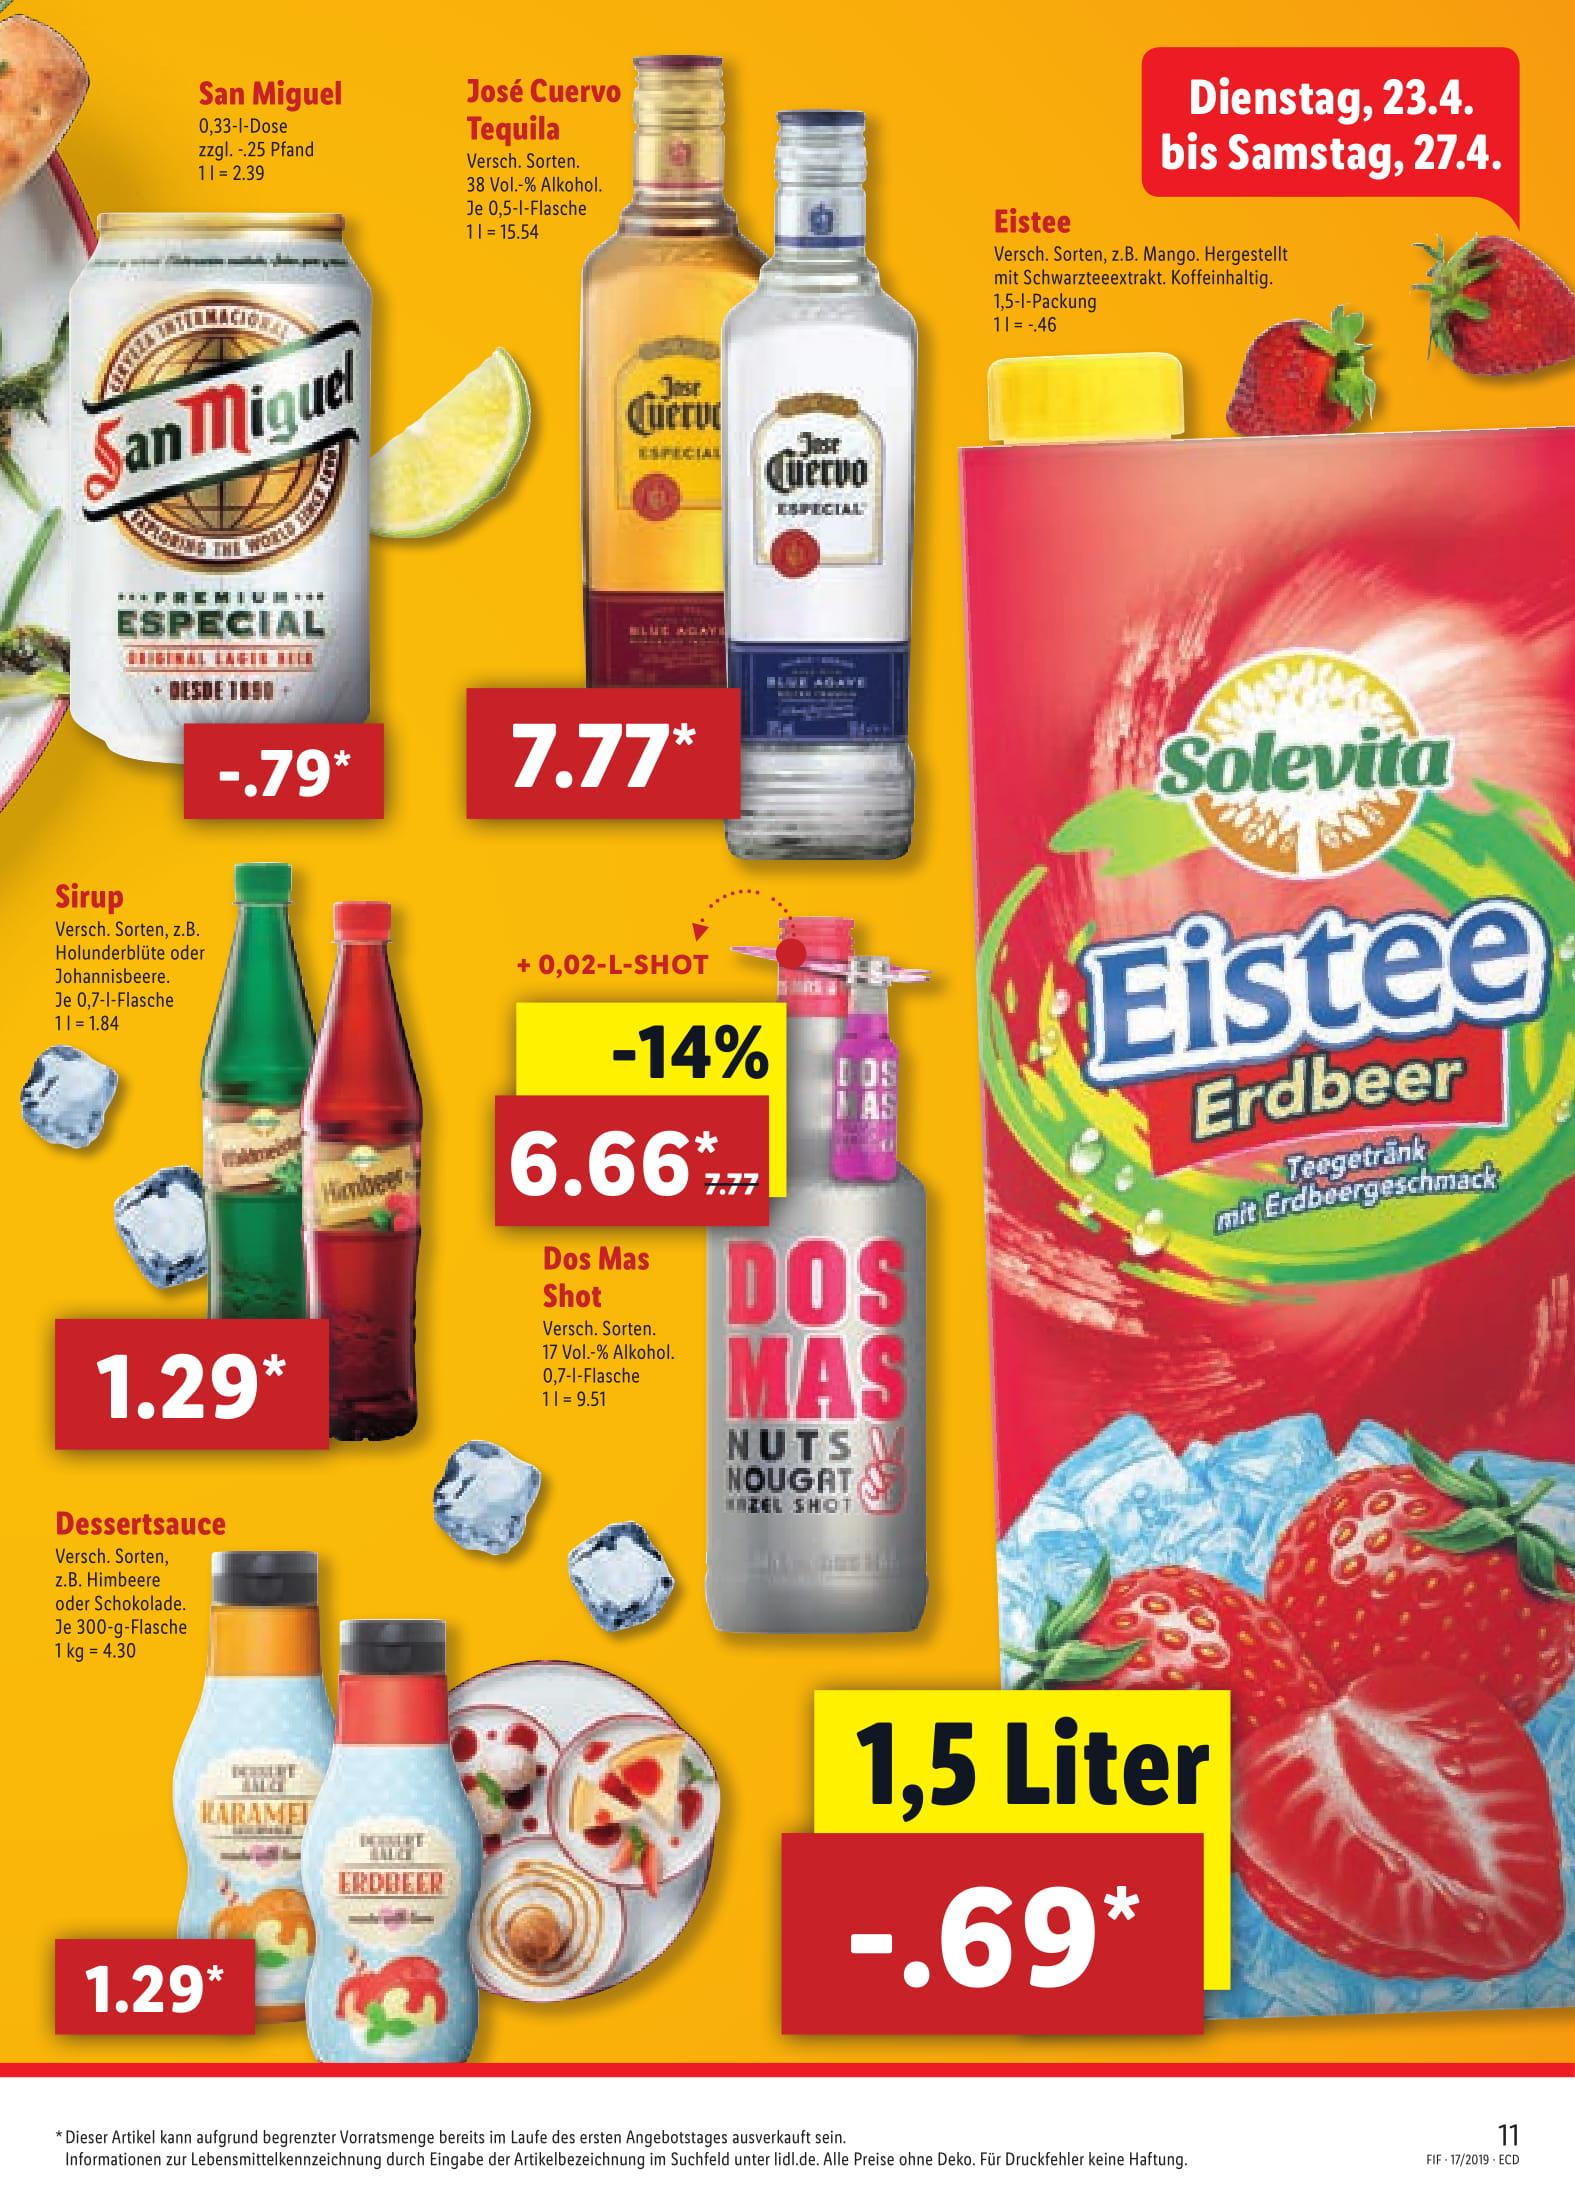 Wochenprospekt-Unsere-Angebote-der-Woche-02-11